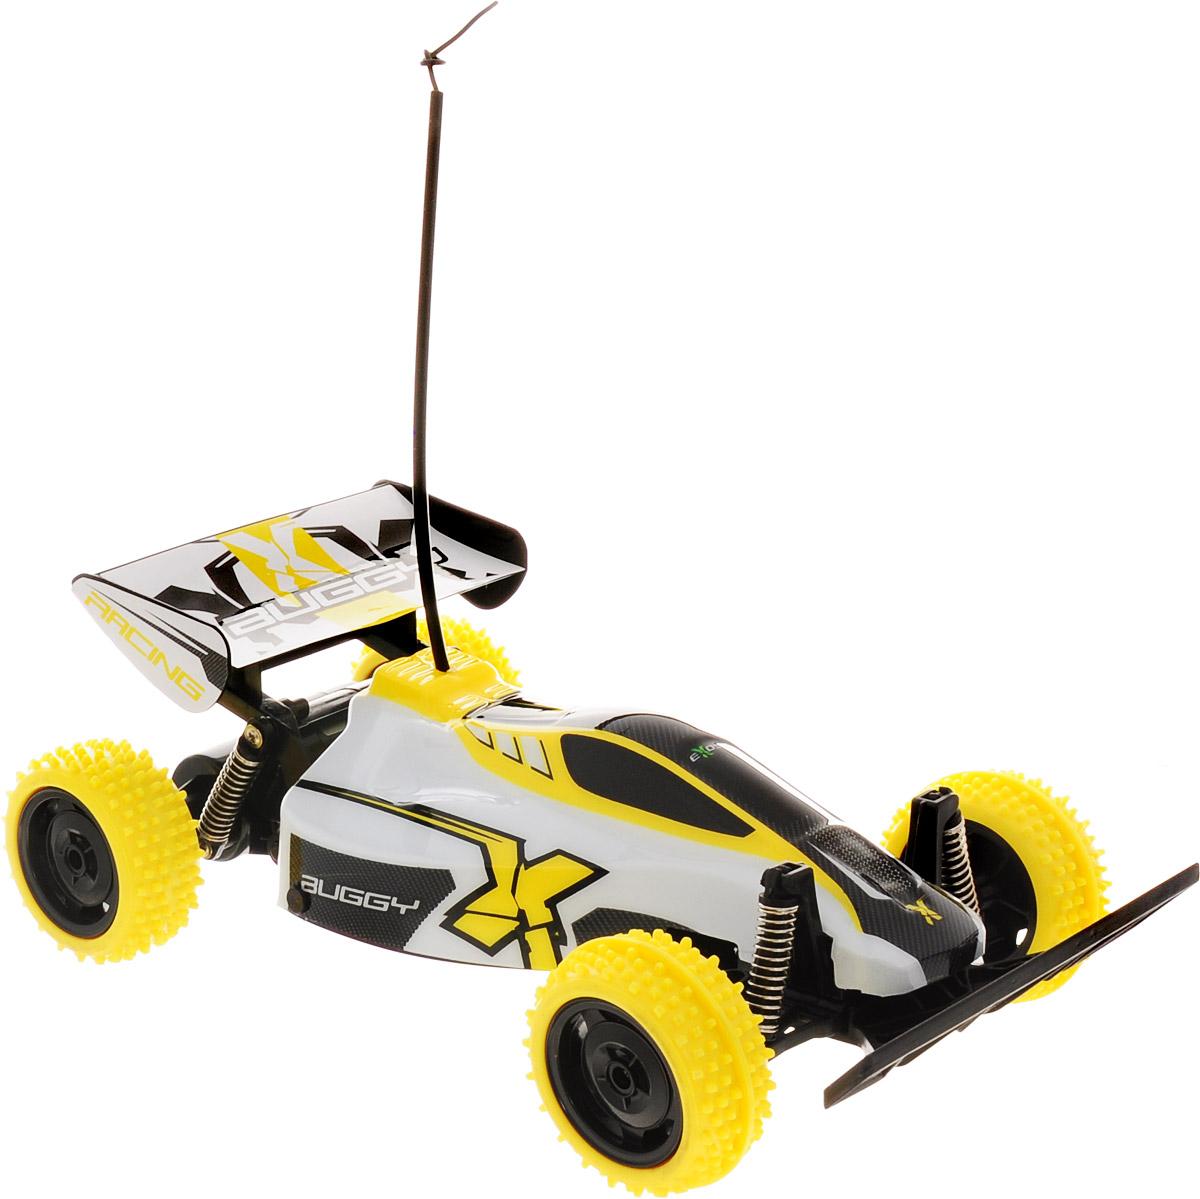 """Если ваш ребенок часами проводит время за игрой в машинки, внимательно их изучает и придумывает различные игровые сюжеты, то его обязательно порадует радиоуправляемый автомобиль от компании Silverlit """"Buggy Racing"""".У машины крупные колеса с ощутимым рисунком протектора и амортизаторы ходовых осей. Внедорожник может передвигаться как по полу с различным покрытием, так и по асфальту, песку или гравию. Играя с машиной, у вашего ребенка расширяется кругозор, развивается моторика рук и воображение. Также такие игры способствуют улучшению концентрации, внимательности и реакции малыша.Для работы машины необходимо купить 4 батарейки напряжением 1,5V типа АА (не входят в комплект). Для работы пульта управления необходимо купить 2 батарейки напряжением 1,5V типа АА (не входят в комплект)."""